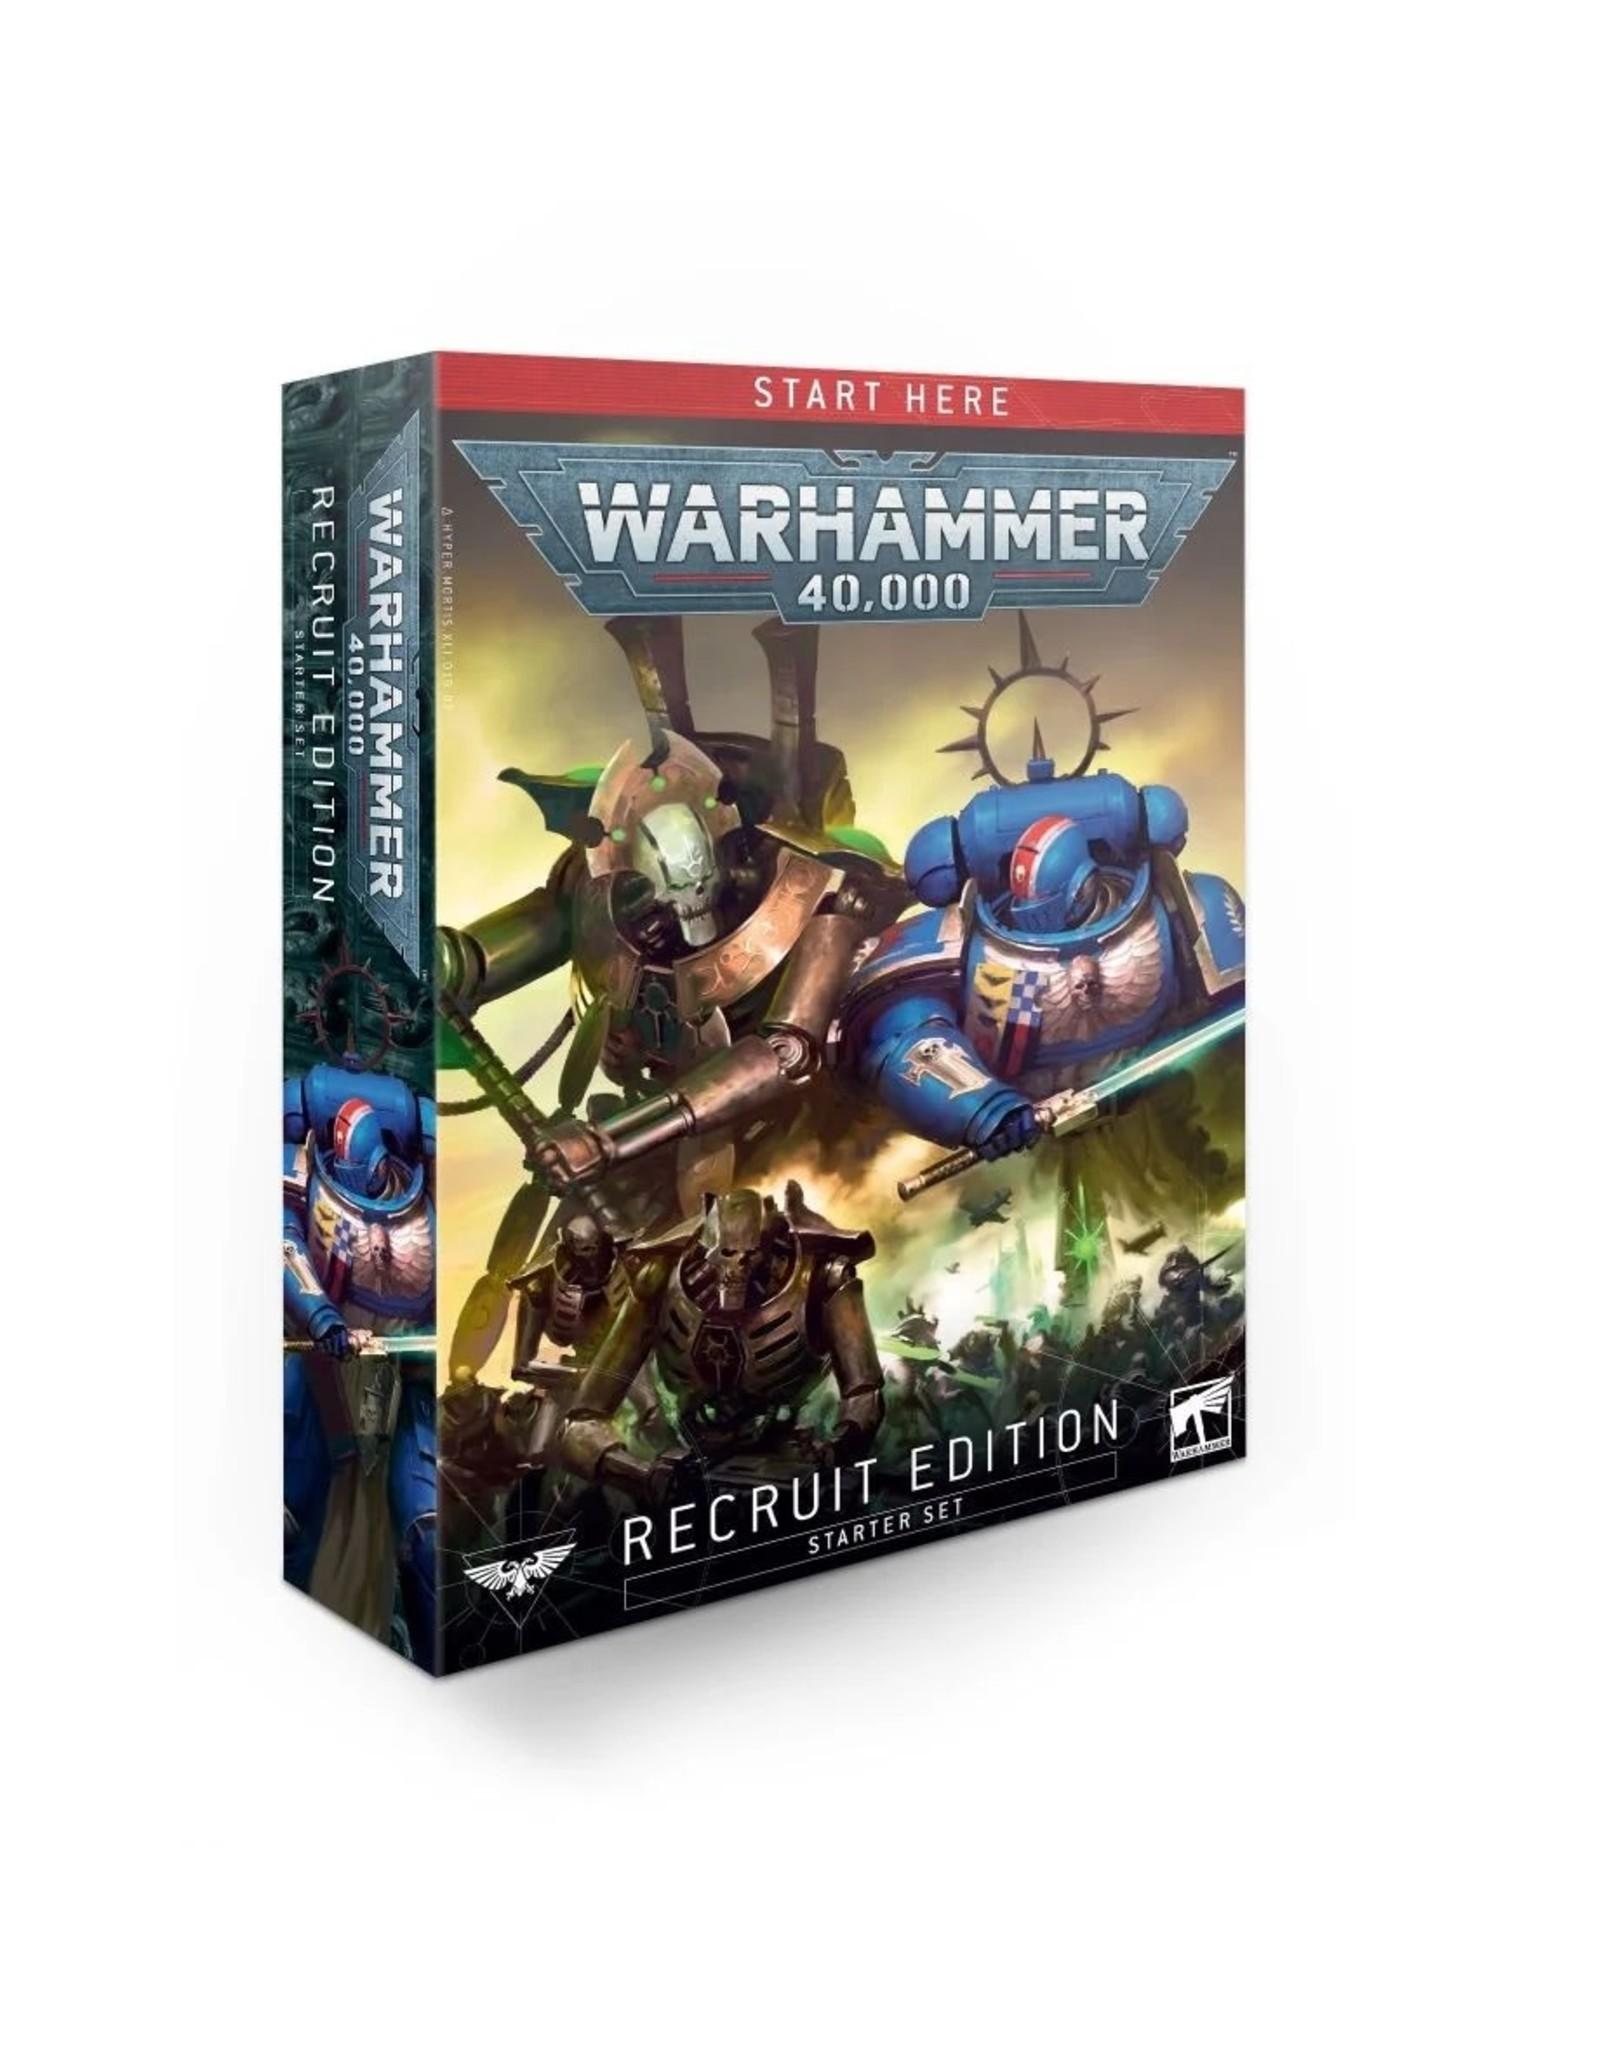 Games Workshop WH40K Recruit Edition Starter Set